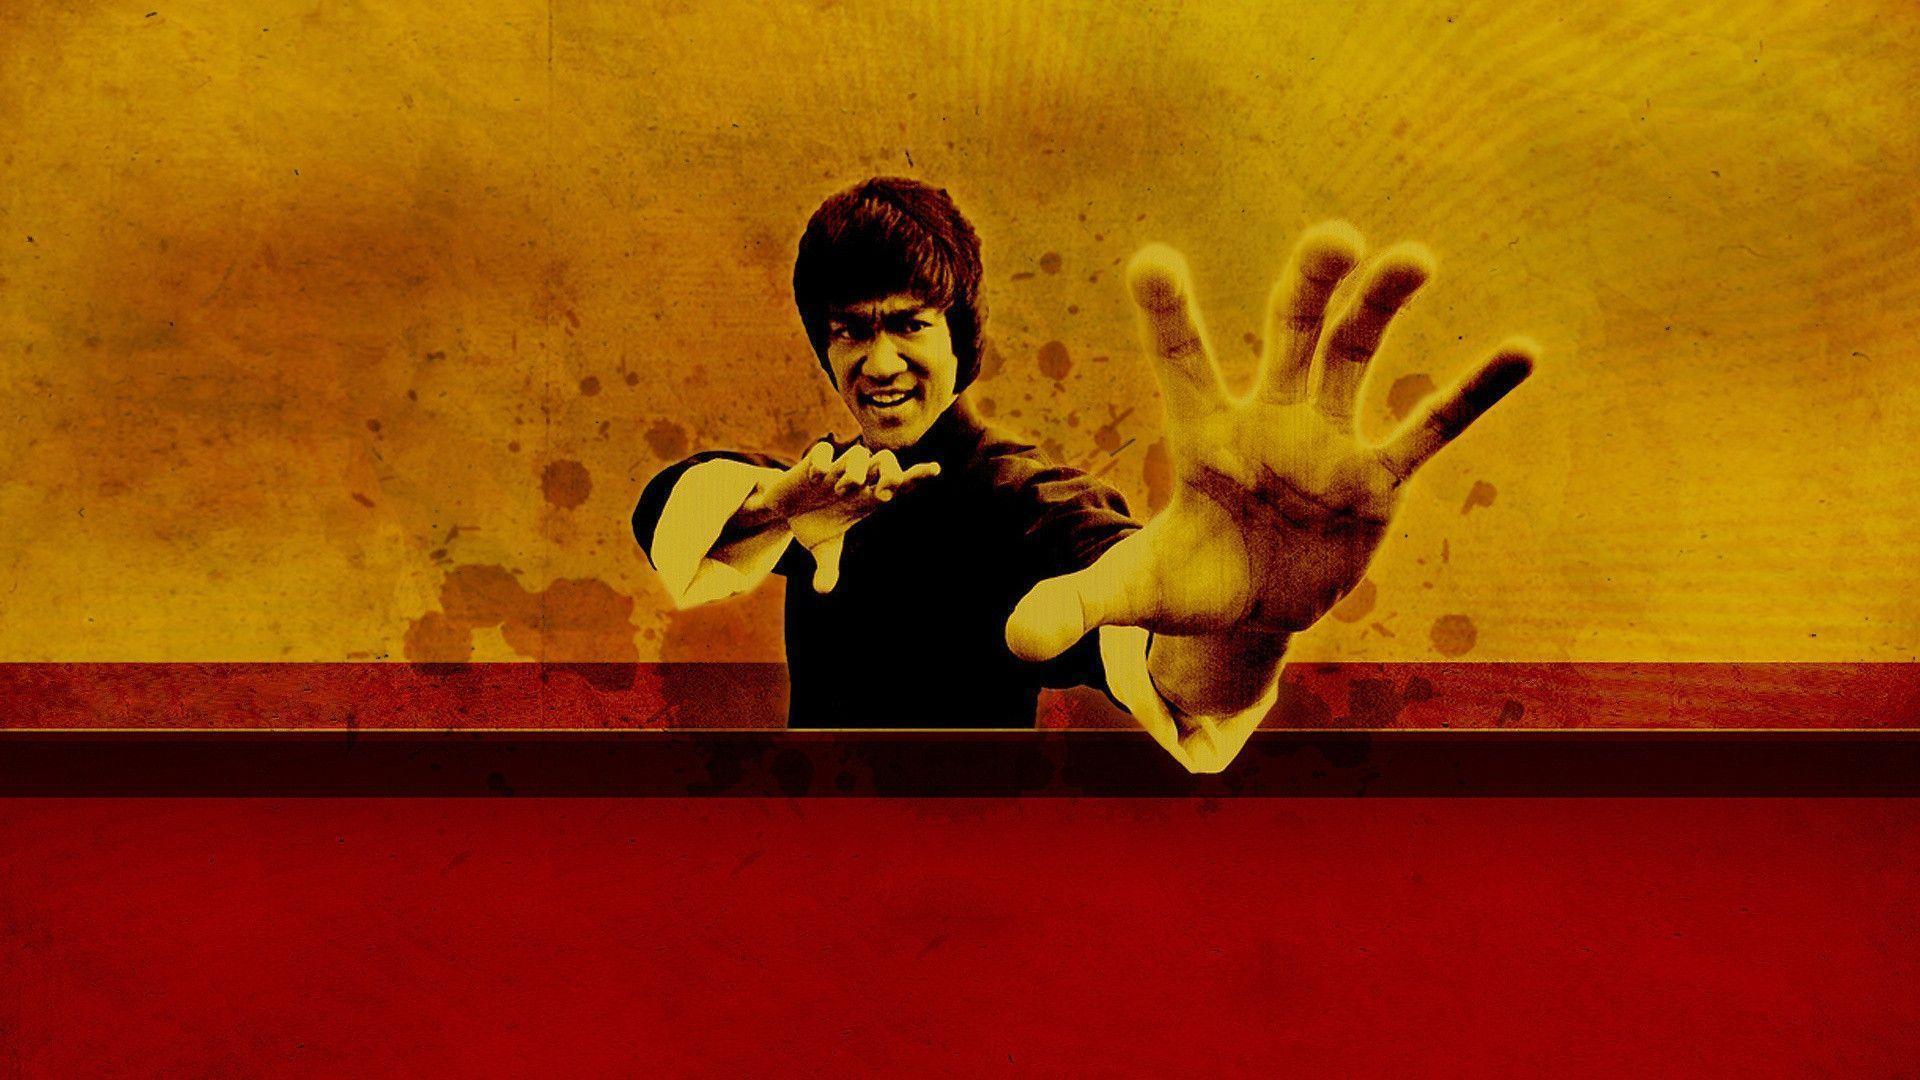 22 martial arts hd - photo #3